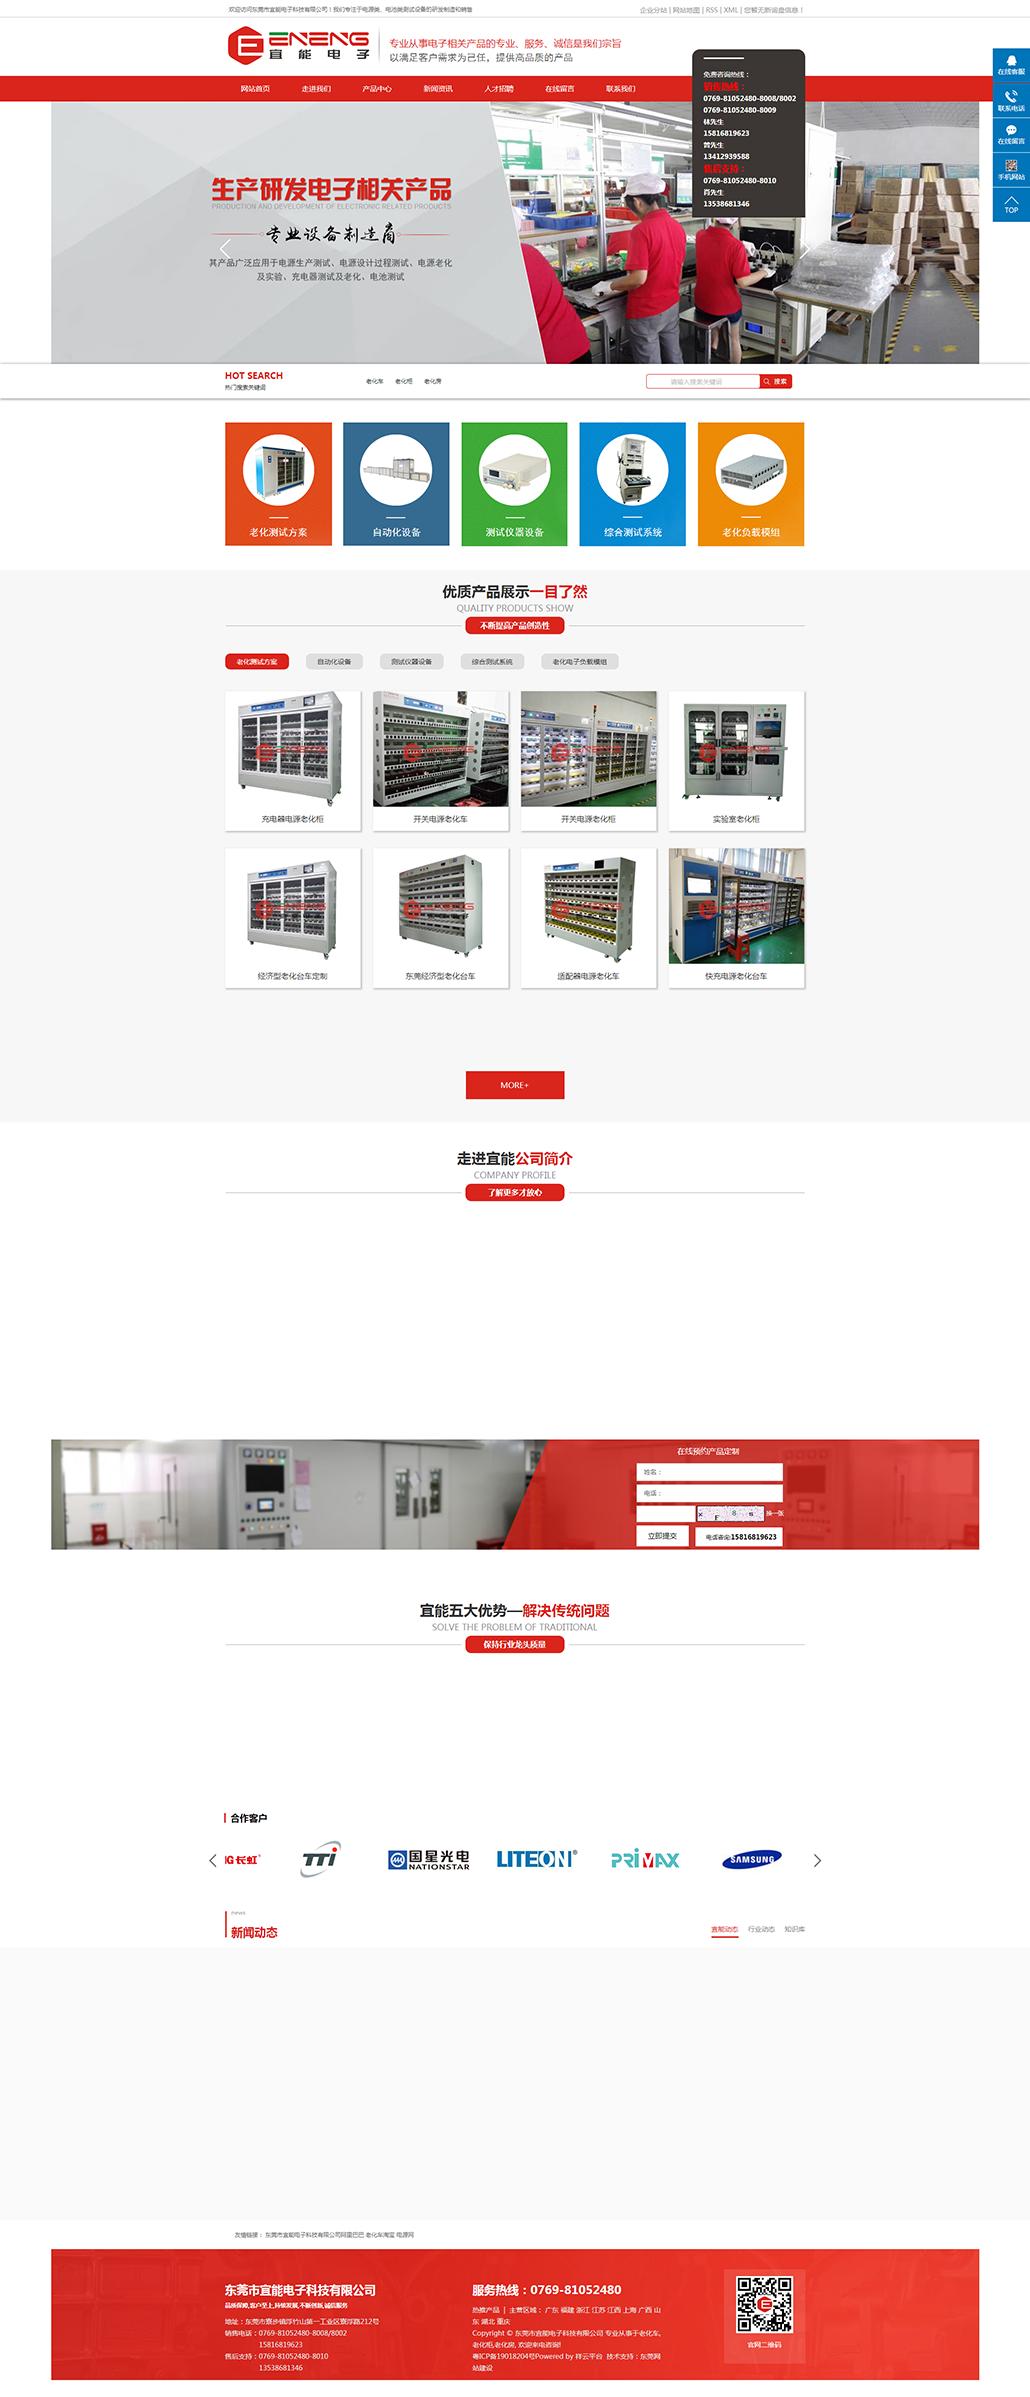 东莞市宜能电子科技有限公司